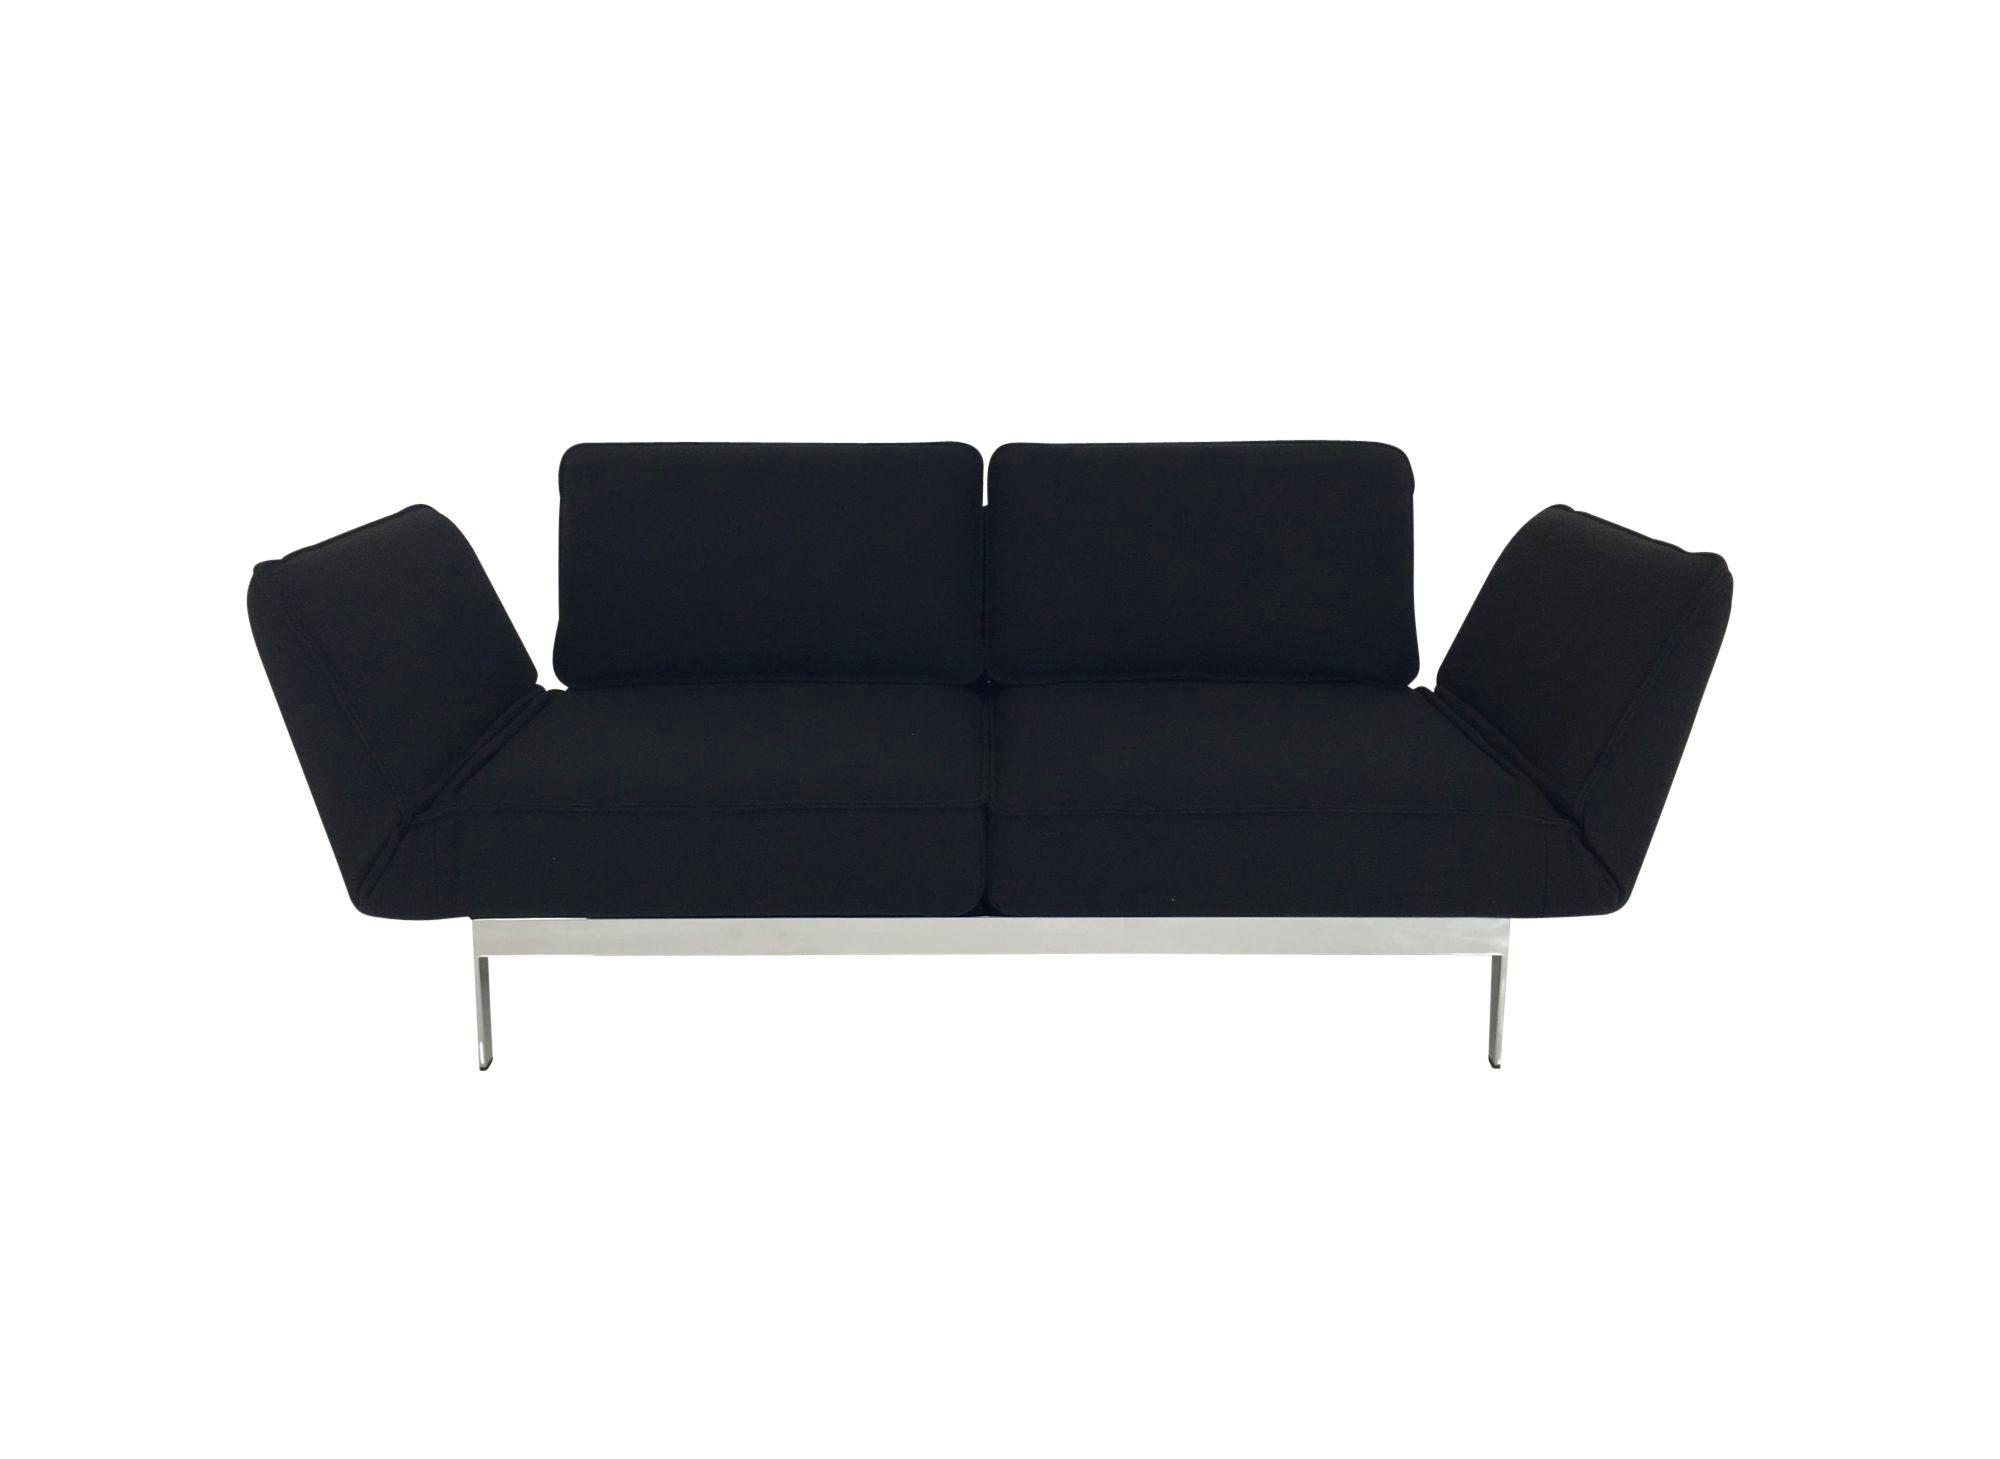 rolf benz mera sofa in schwarzen stoff und drehsitzen mit edlen chrom f en rolf benz mera. Black Bedroom Furniture Sets. Home Design Ideas